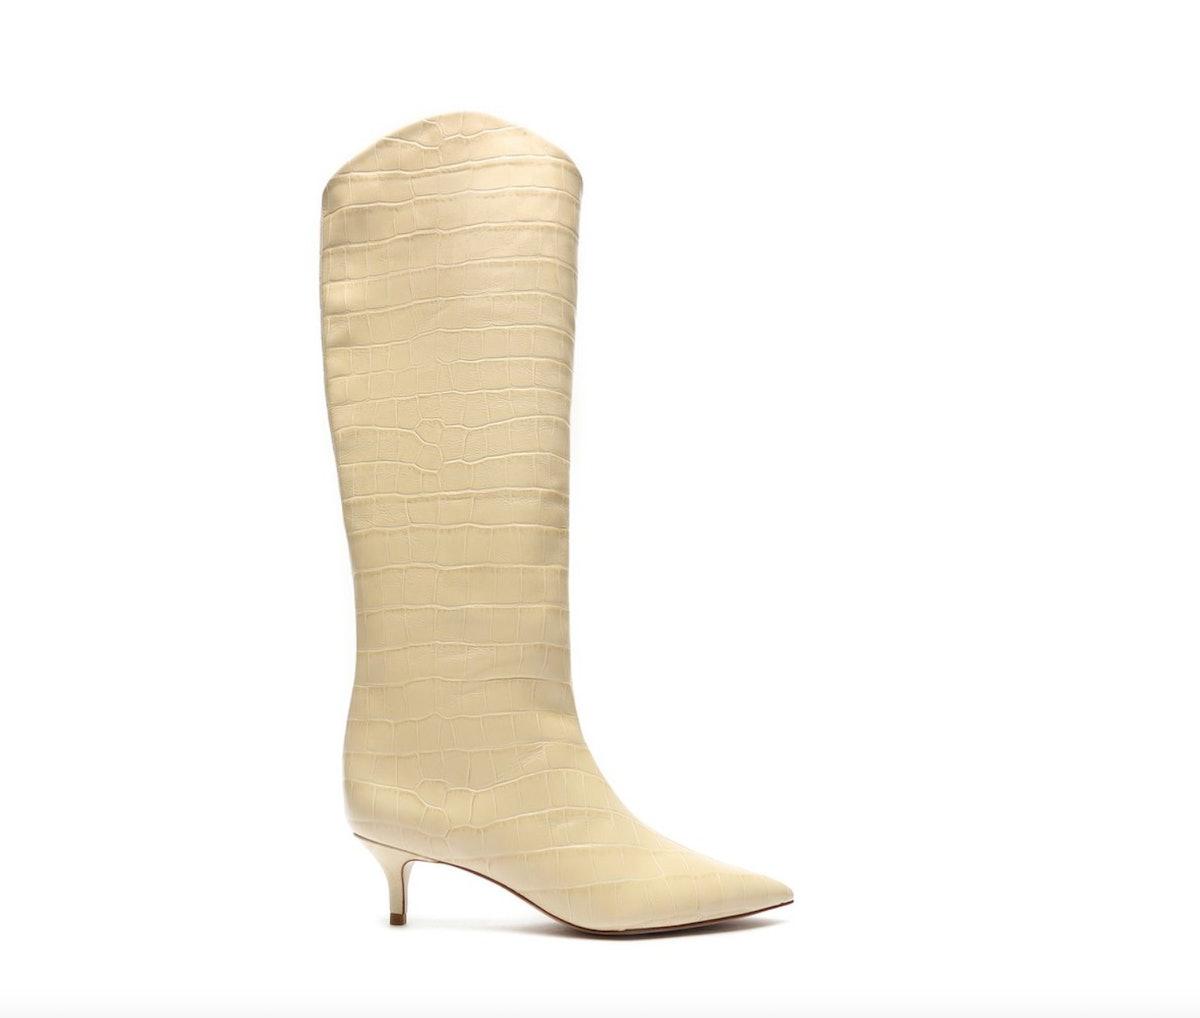 Maryana Lo Crocodile-Embossed Leather Boot